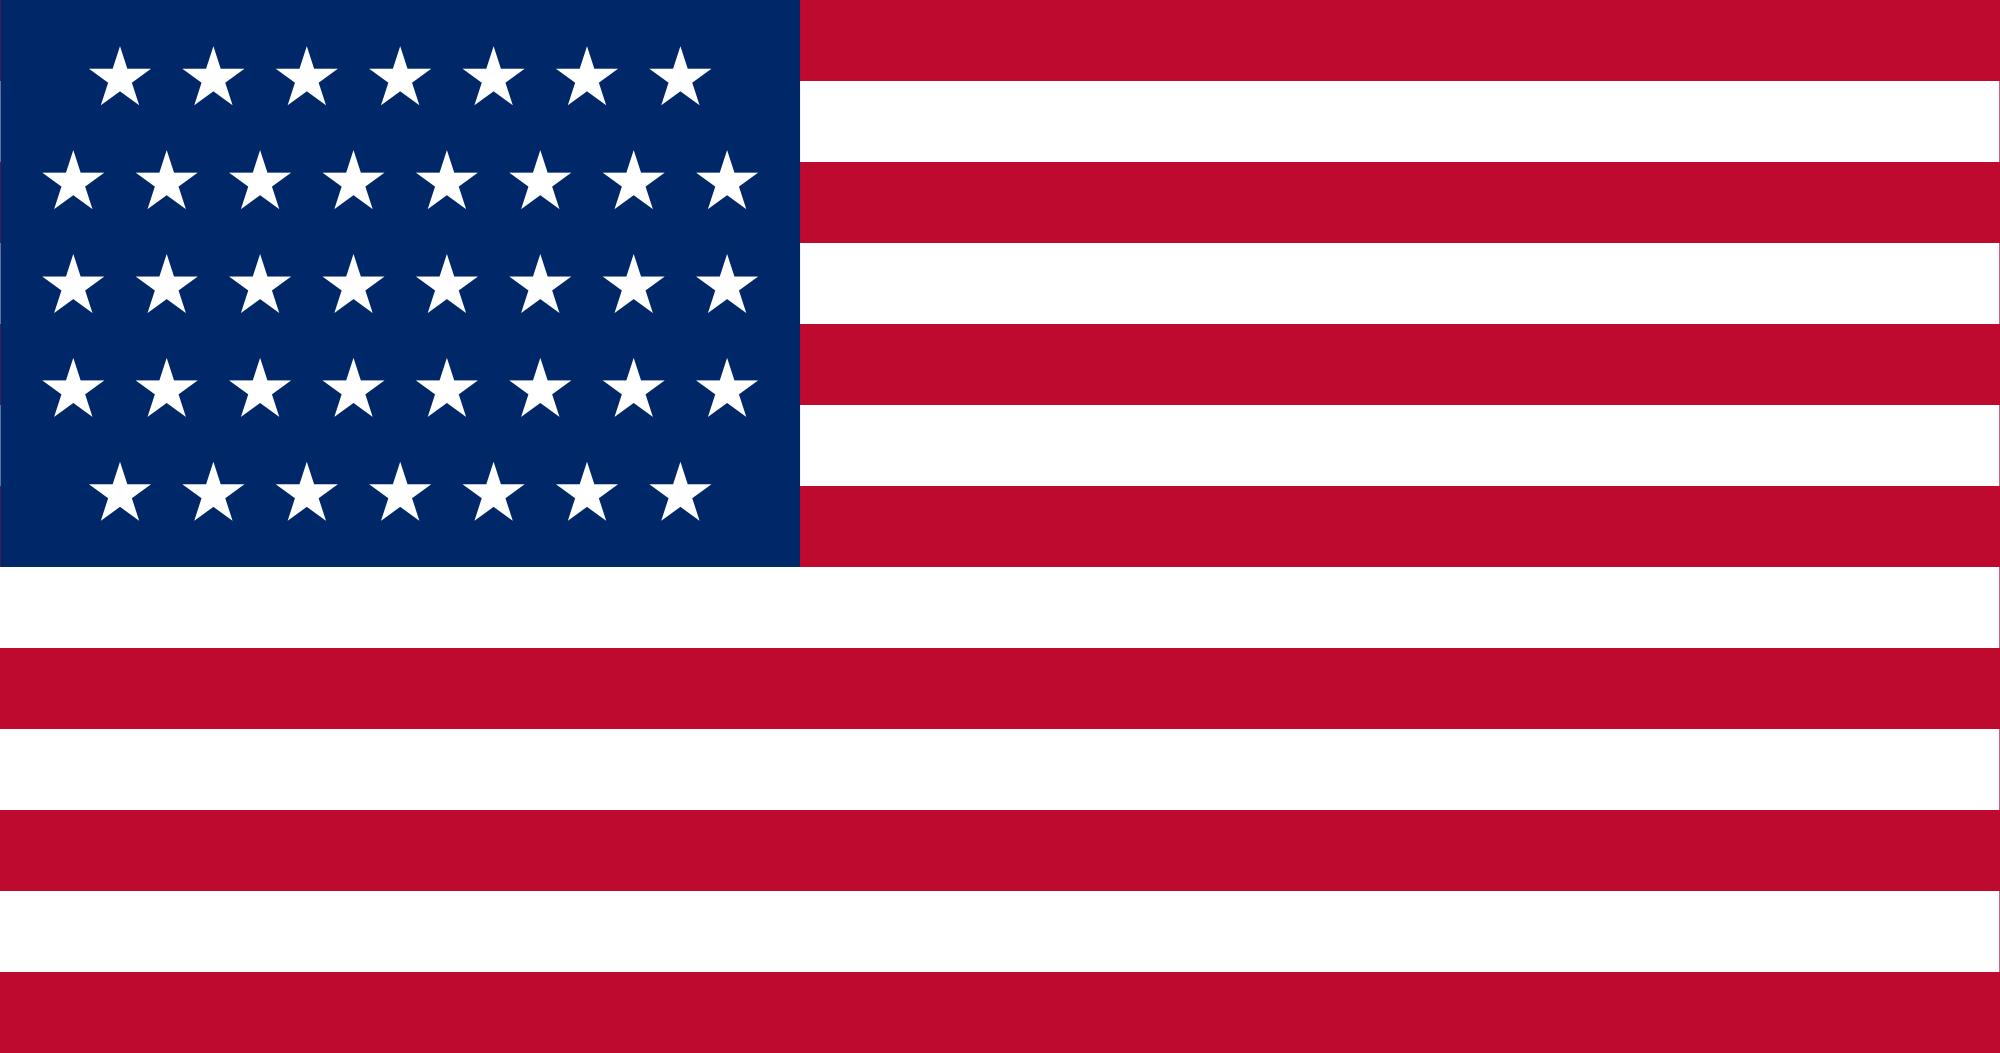 Estados Unidos (México Conservador)